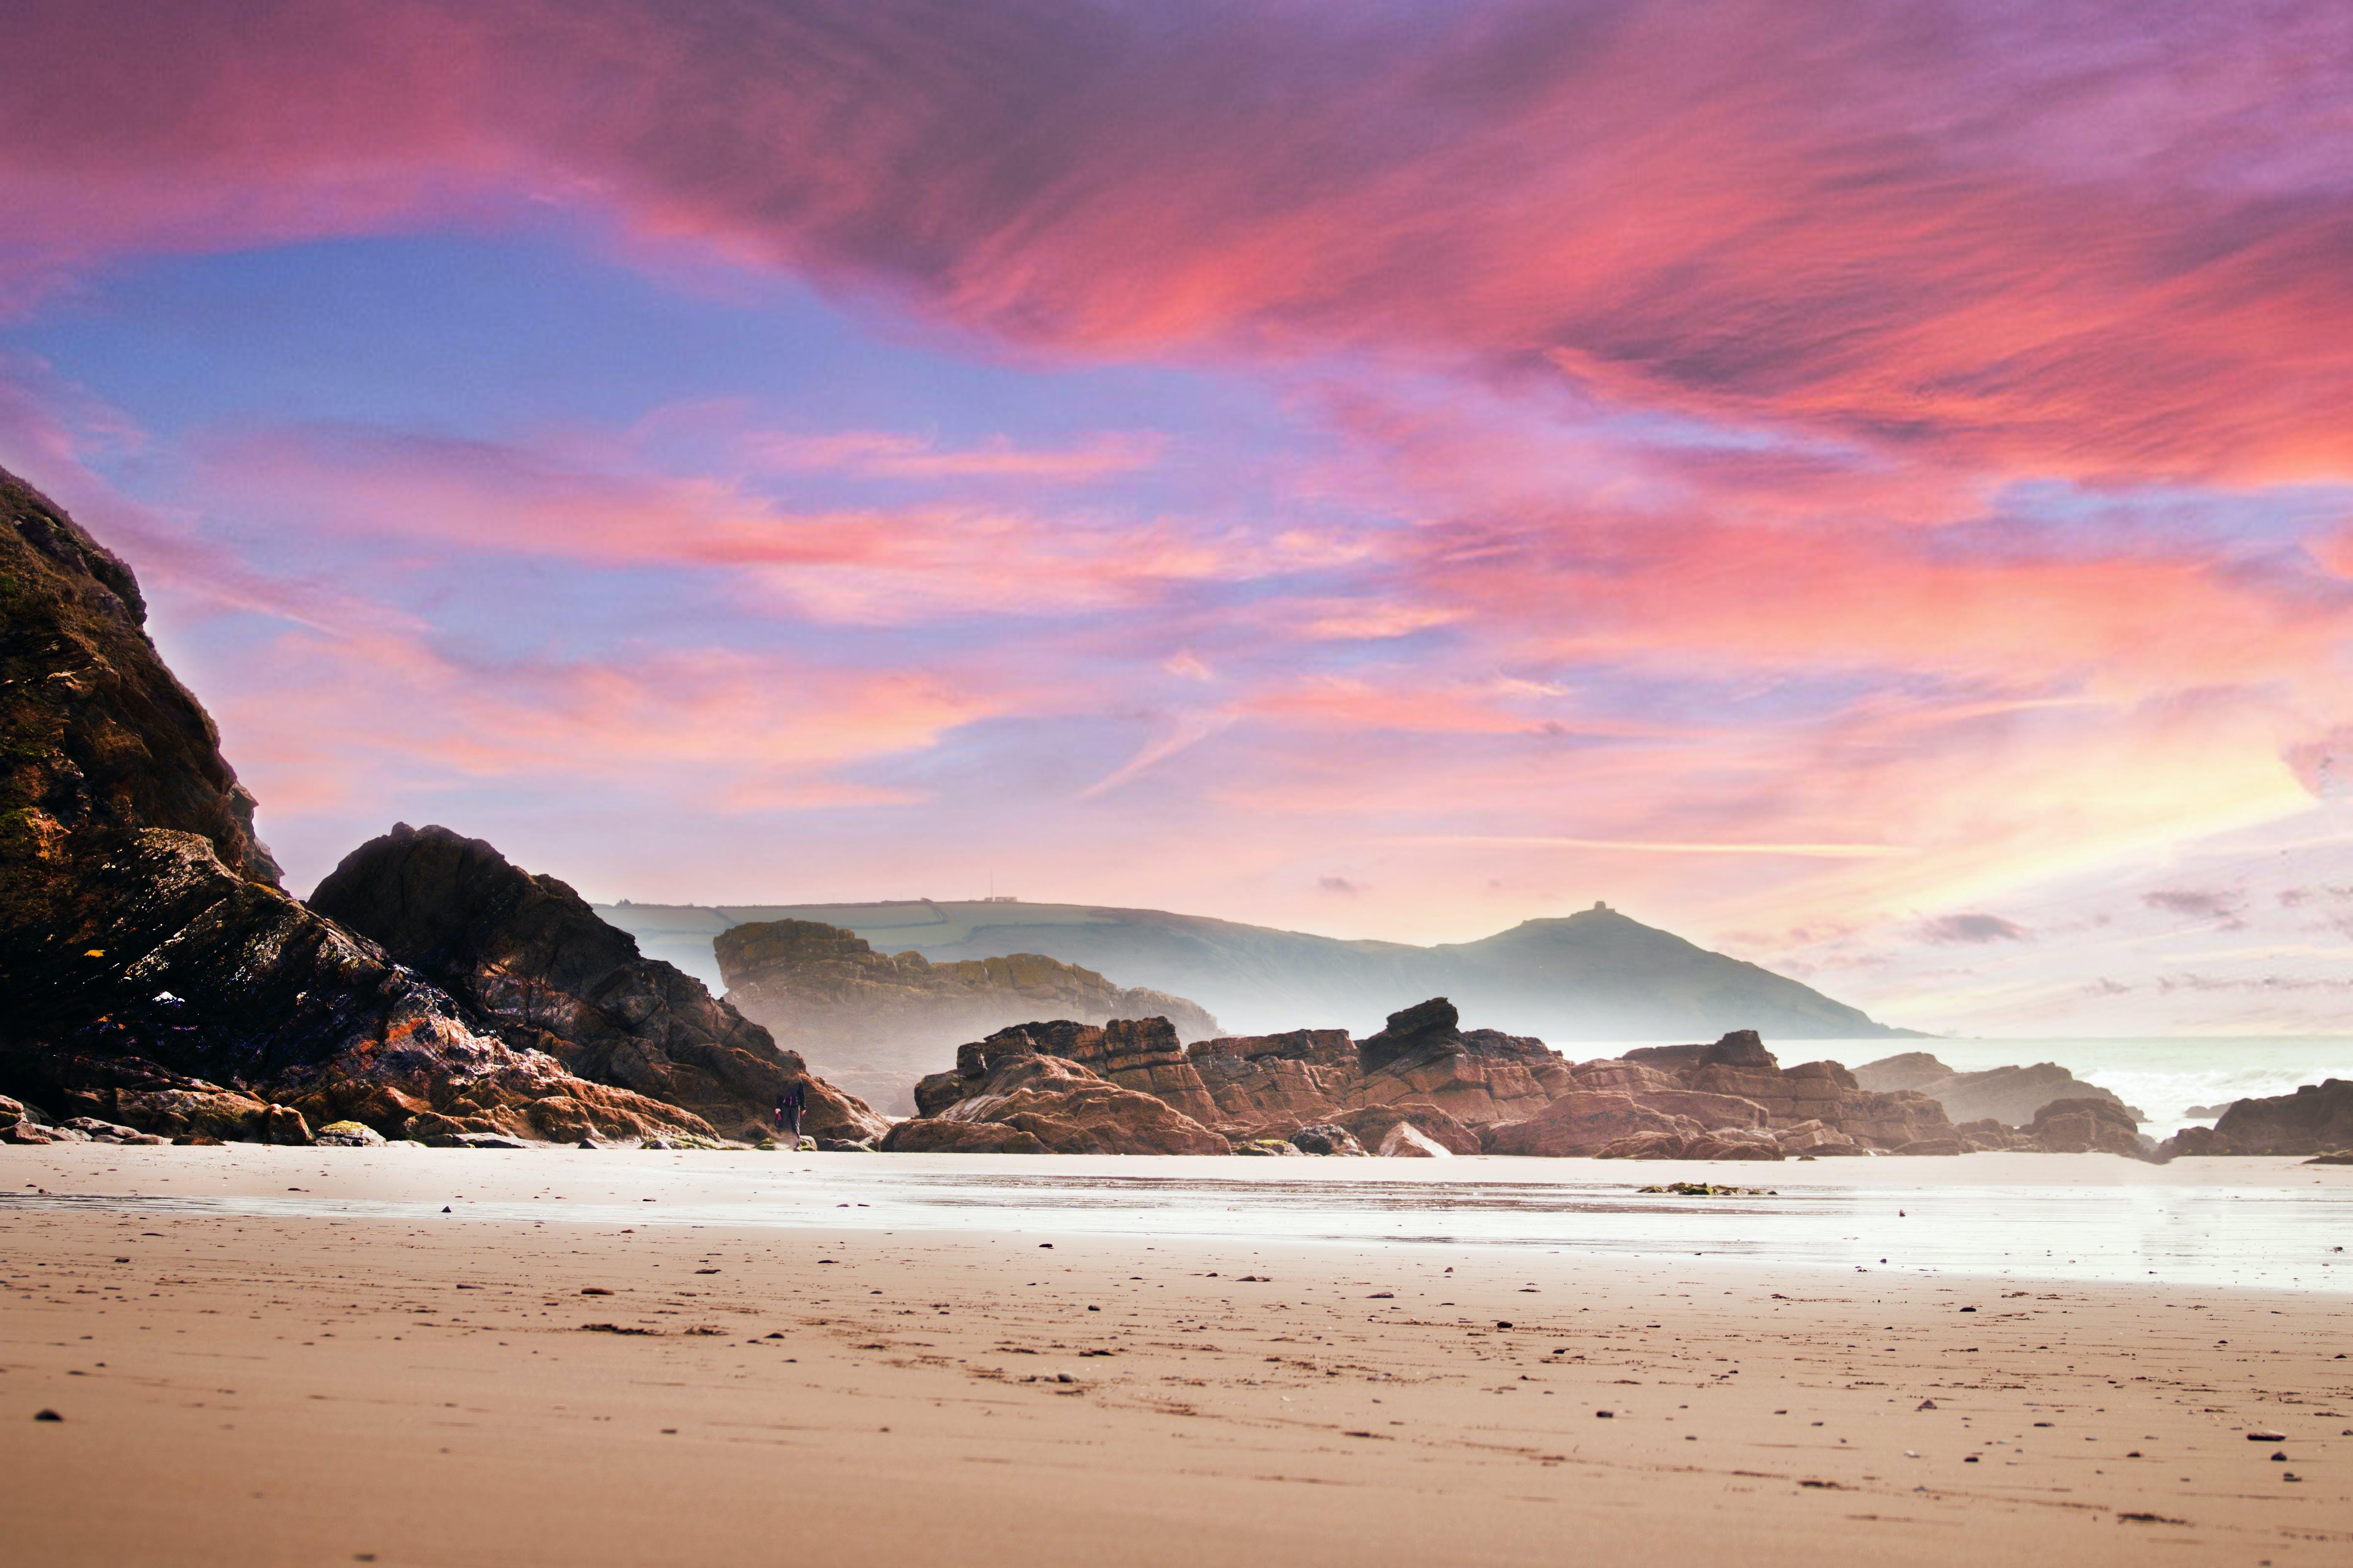 天性, 天空, 岩石, 岸邊 的 免費圖庫相片